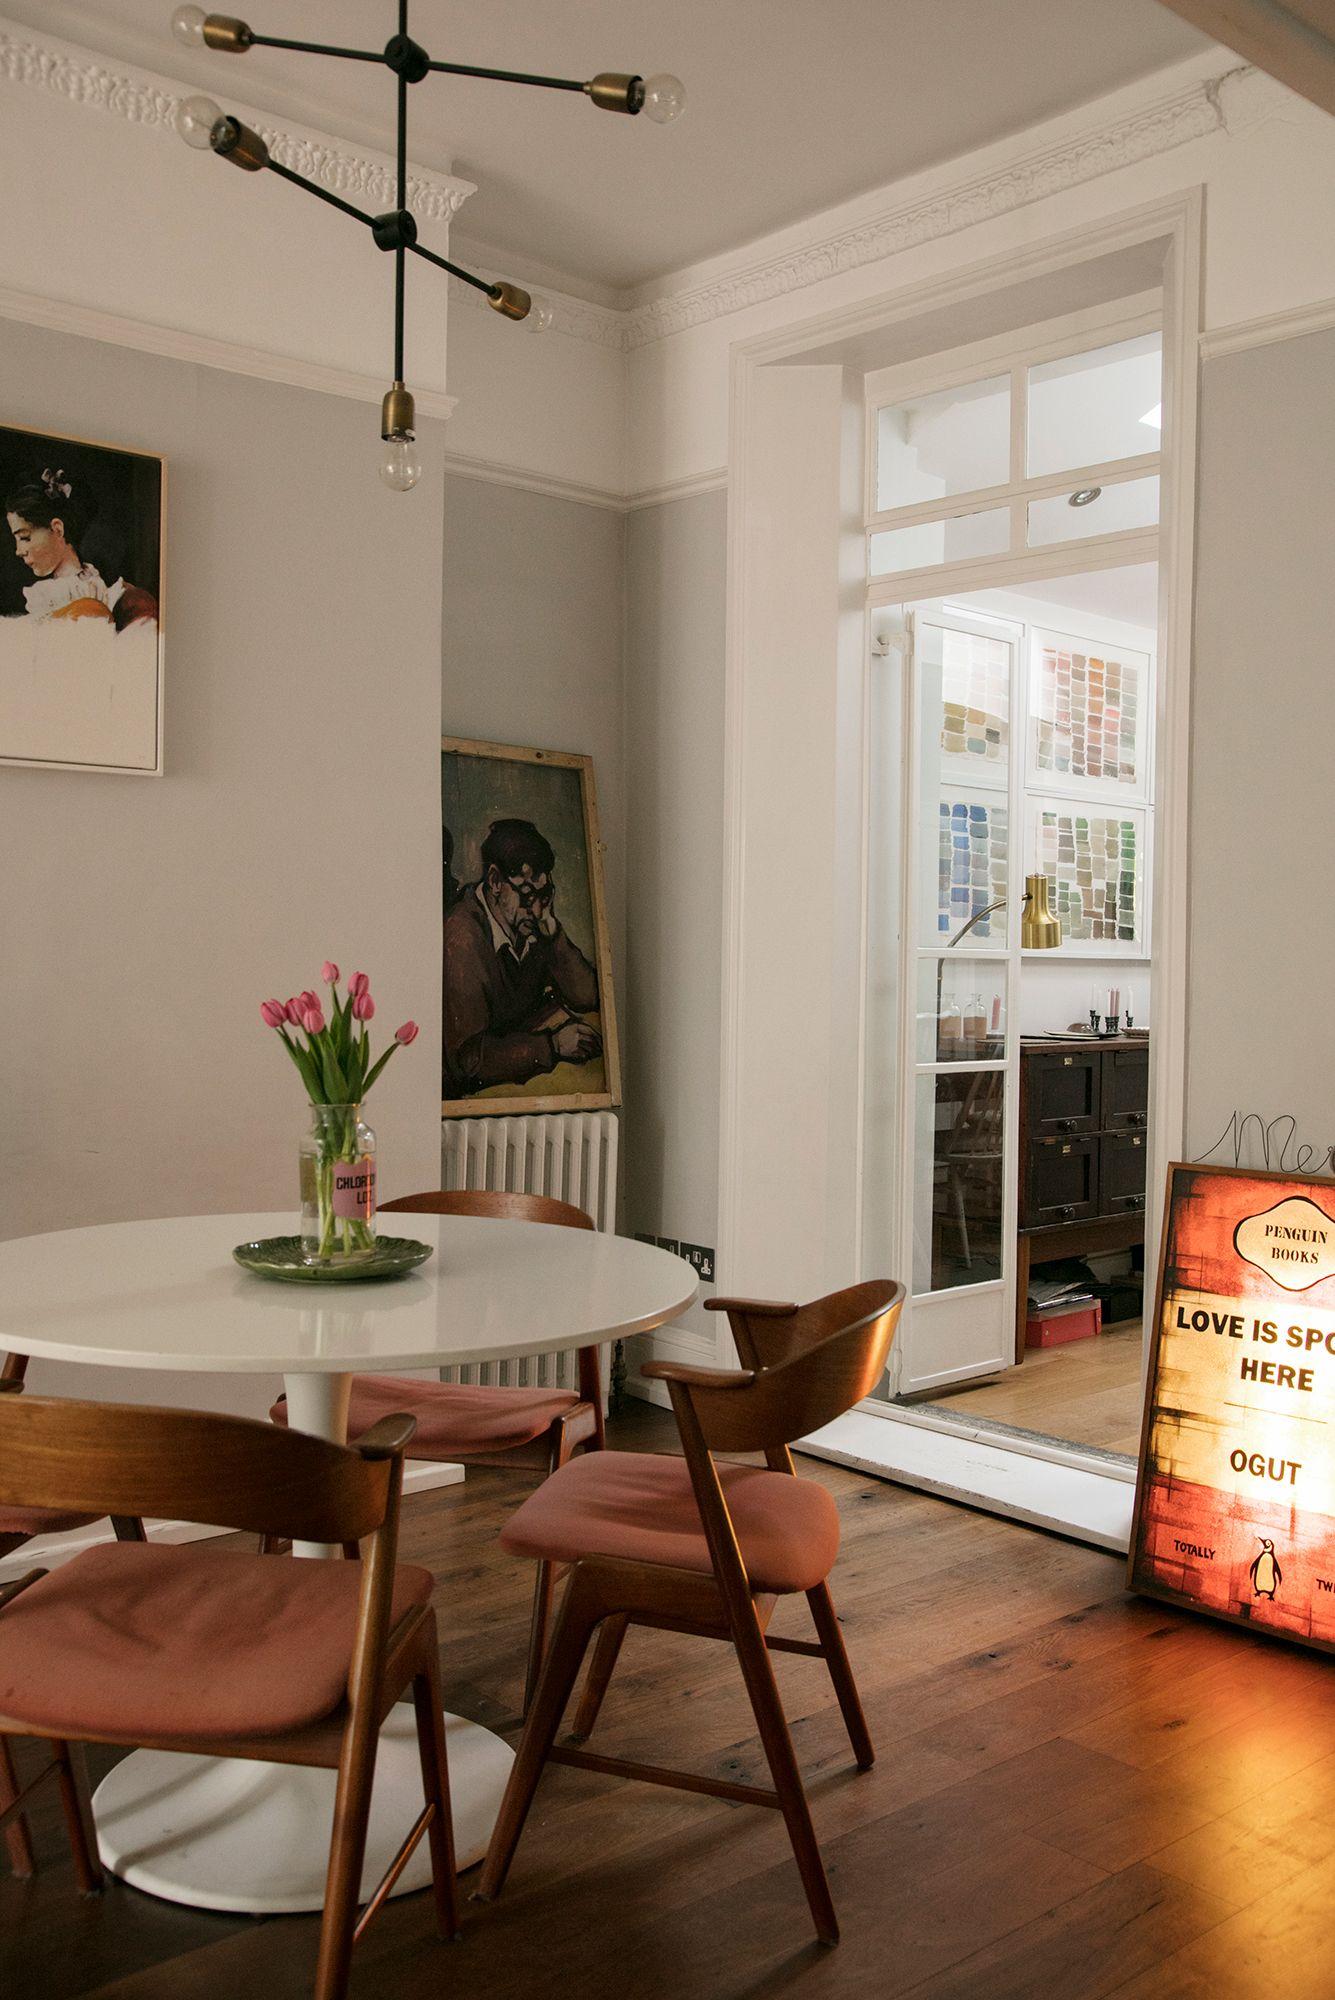 La maison de lisa mehydene fondatrice dedit58 edit58 london londonstyle portrait woman decoration deco flat inspiration